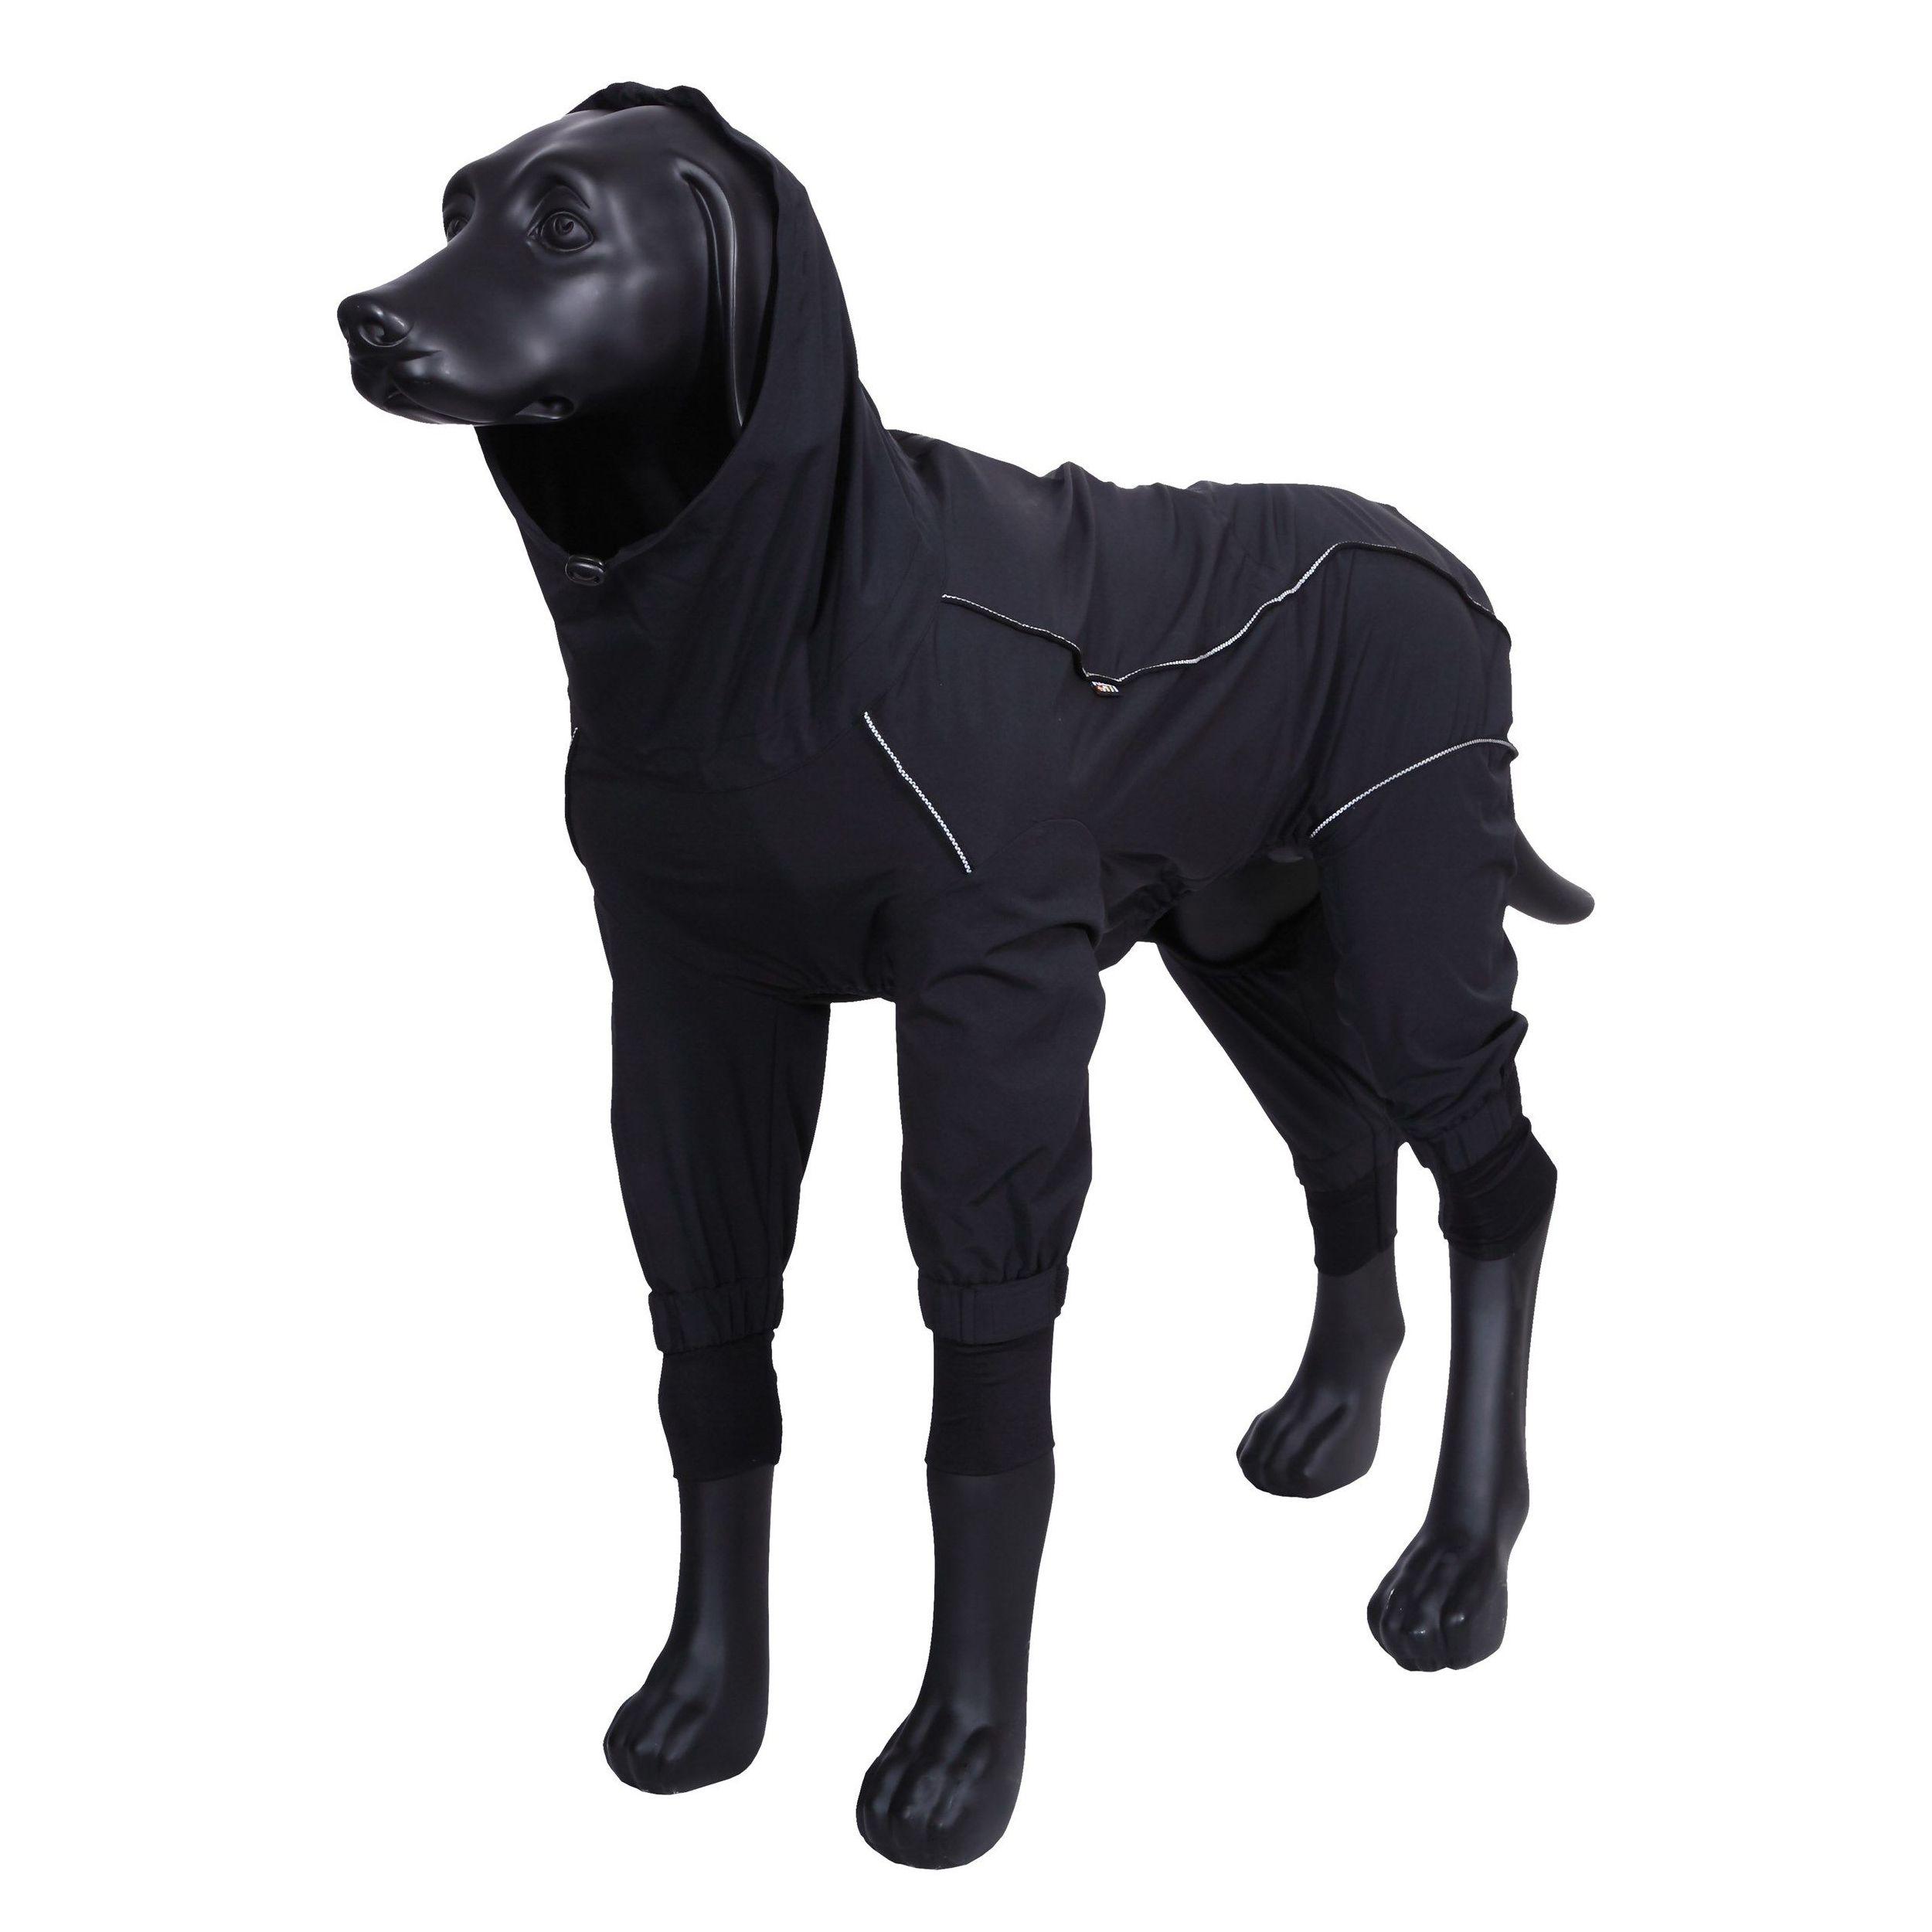 купить Комбинезон для собак RUKKA Protect overall 2.0 40см черный по цене 3899 рублей